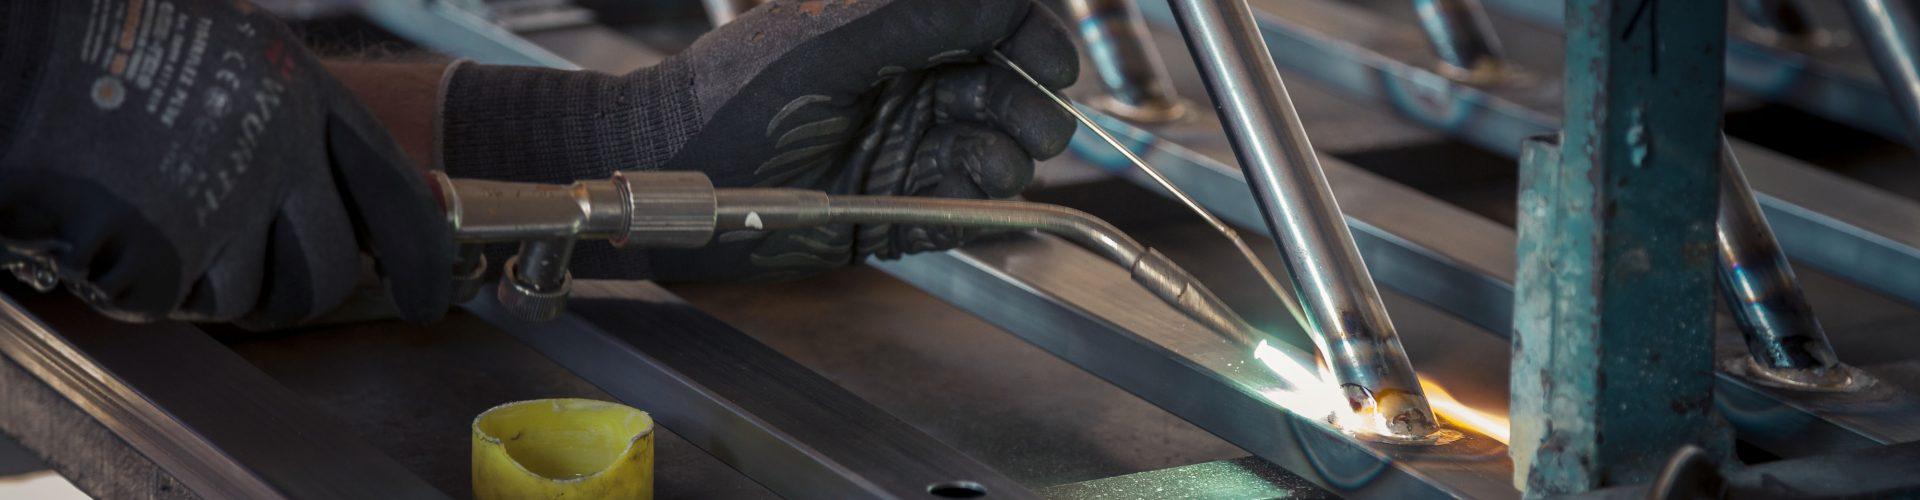 Metall Verarbeitung bei Dorfinstallateur Wolfurt